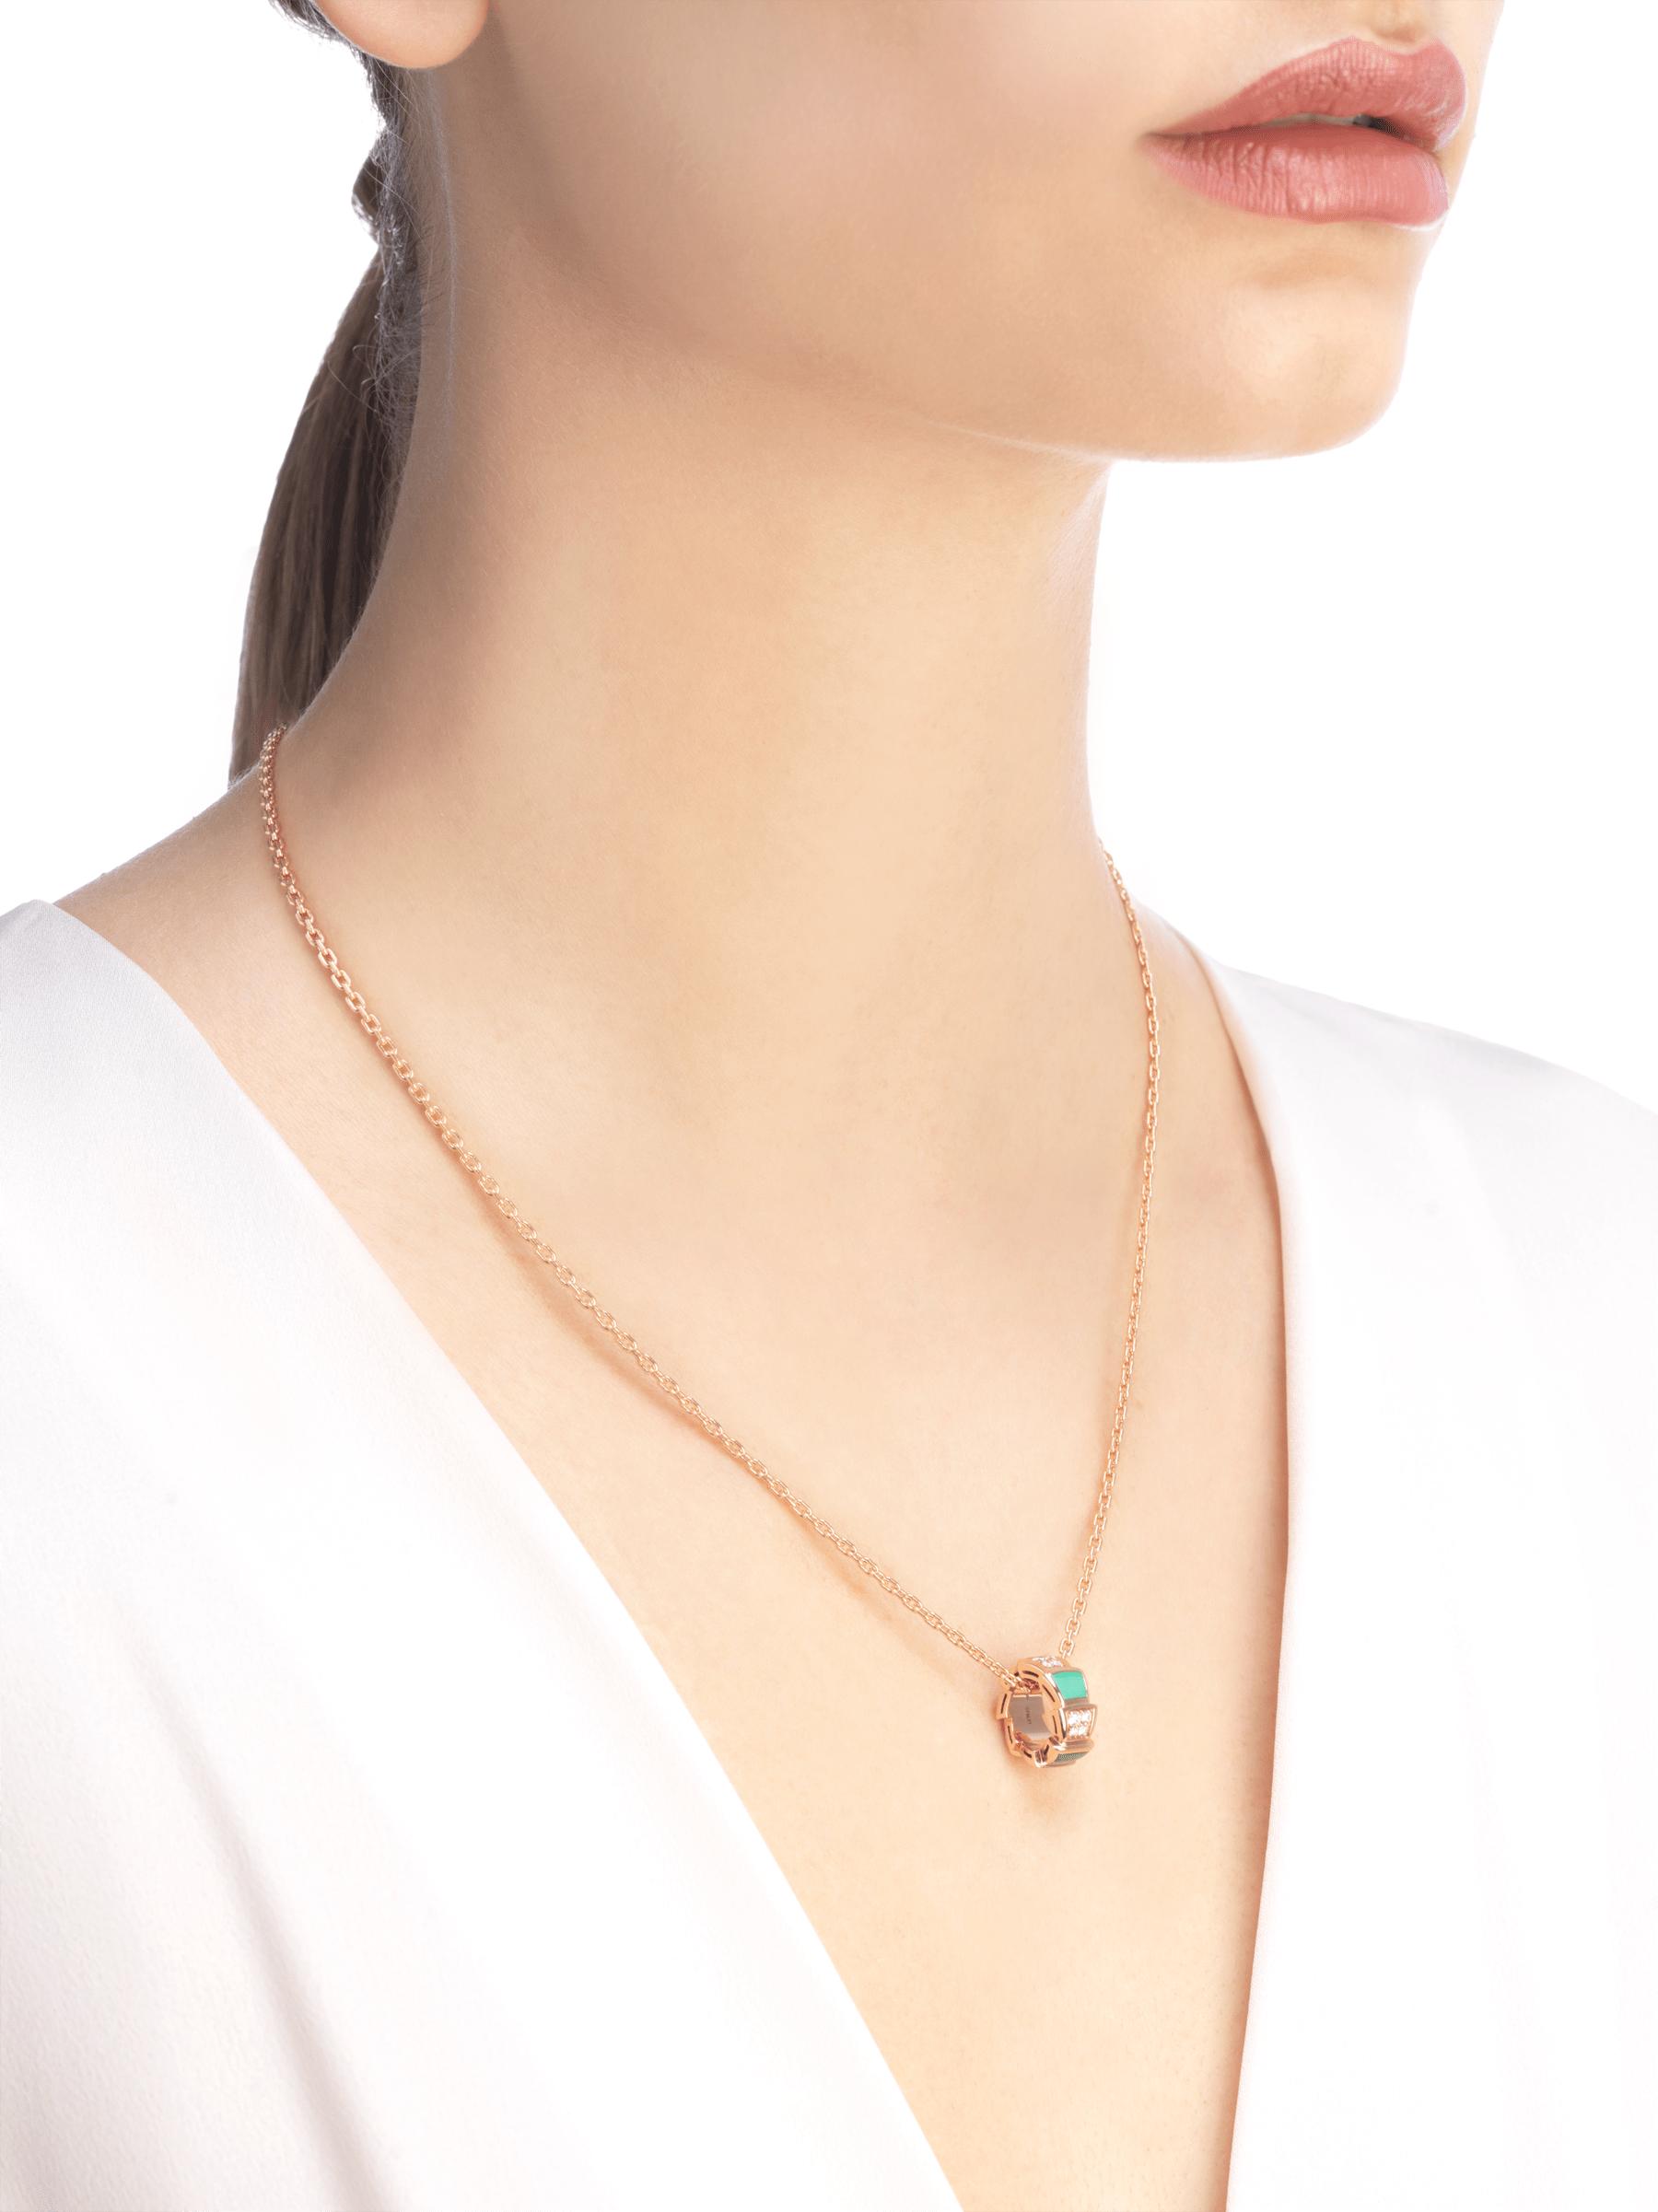 Colar Serpenti Viper em ouro rosa 18K cravejado com elementos de malaquita e pavê de diamantes (0,21ct) no pingente 355958 image 3